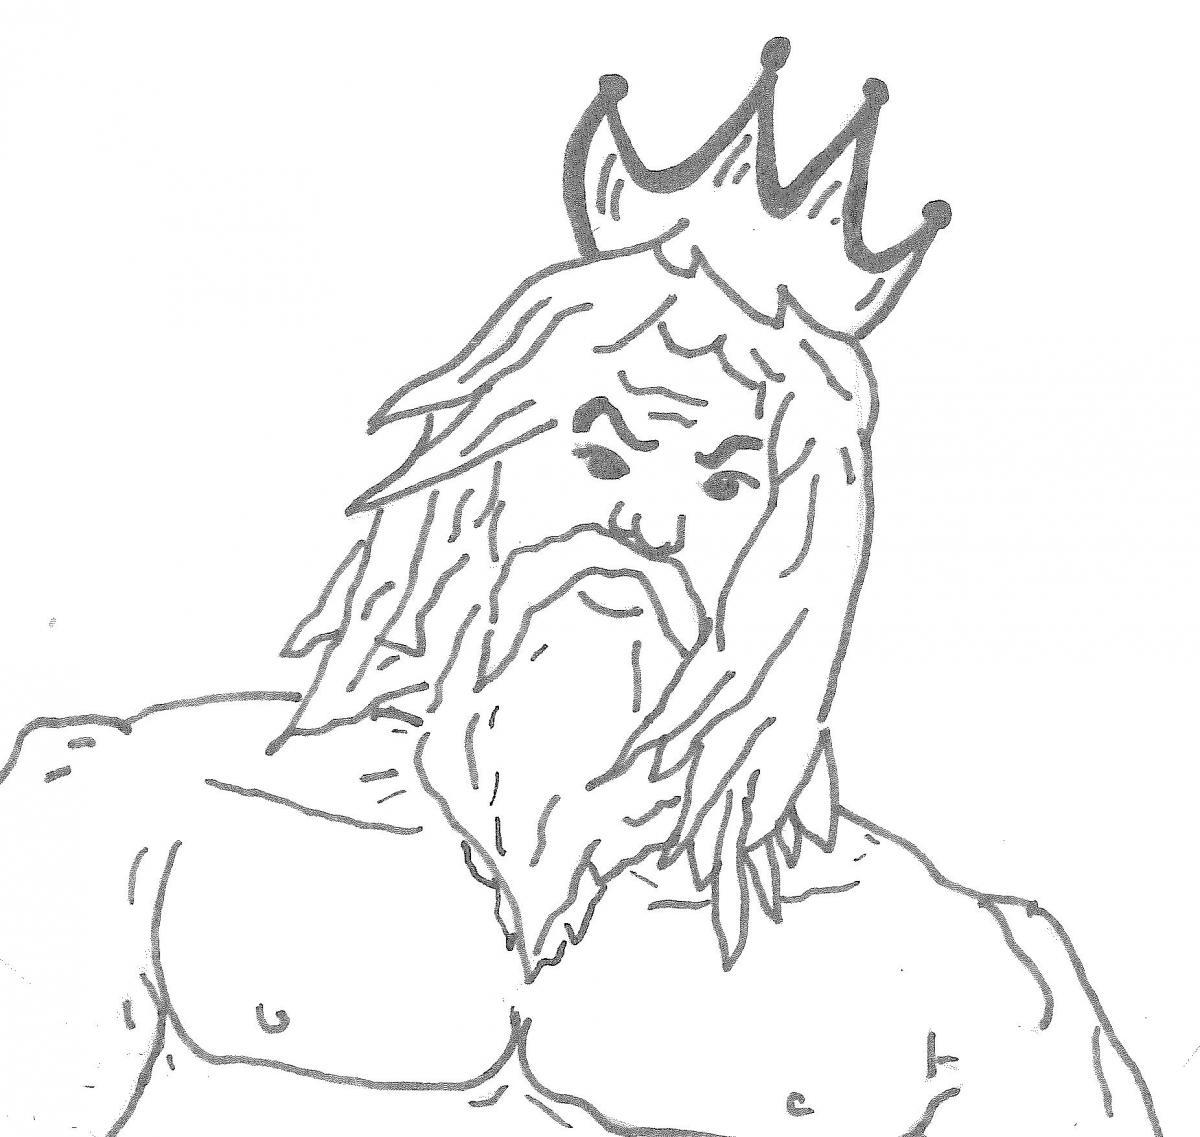 Eros - griechischer Gott der Liebe und Liebeslust Die Gtter